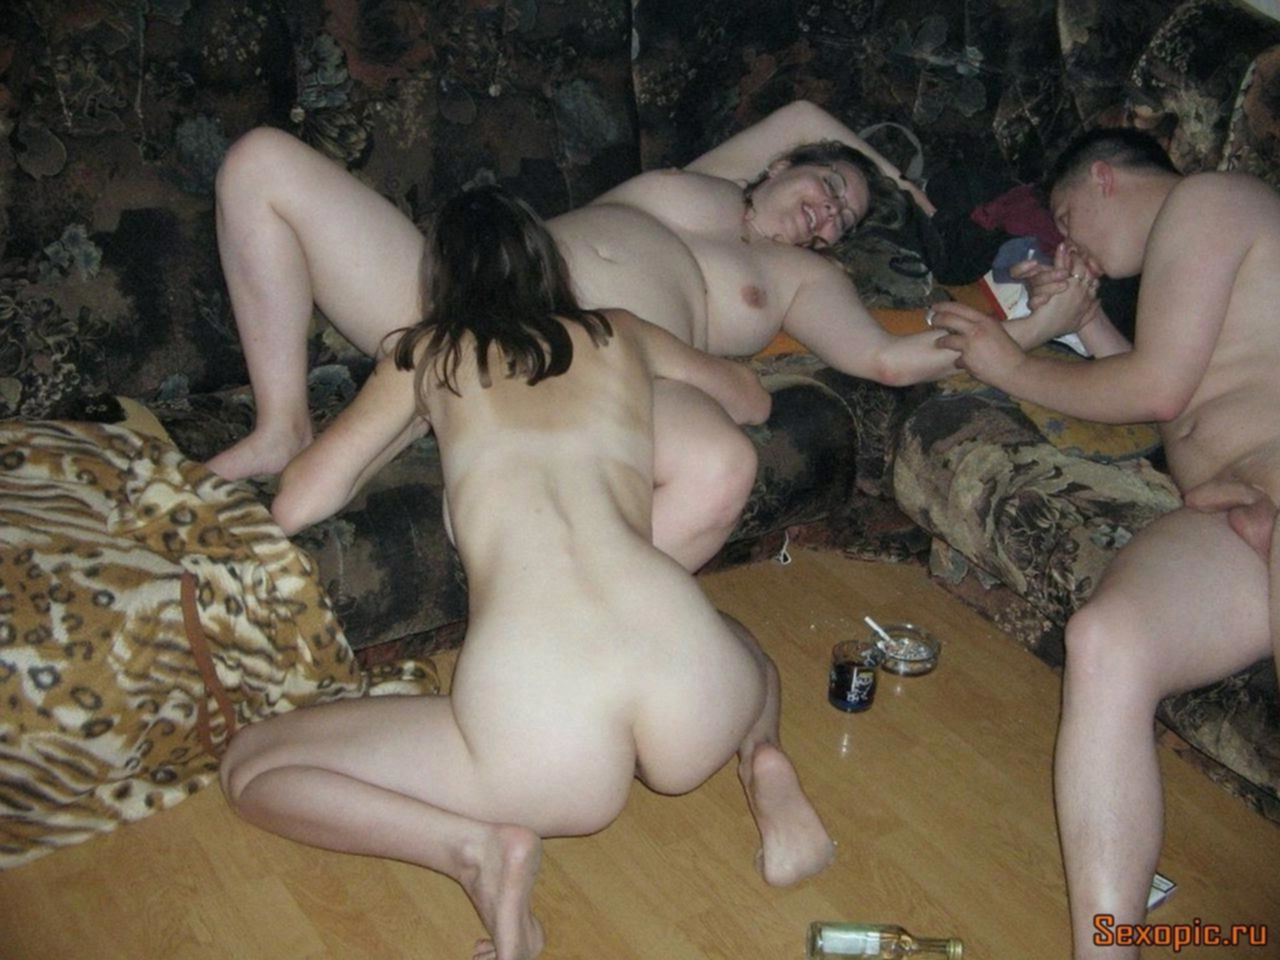 Пьяные русские свингеры снимают домашнее порно